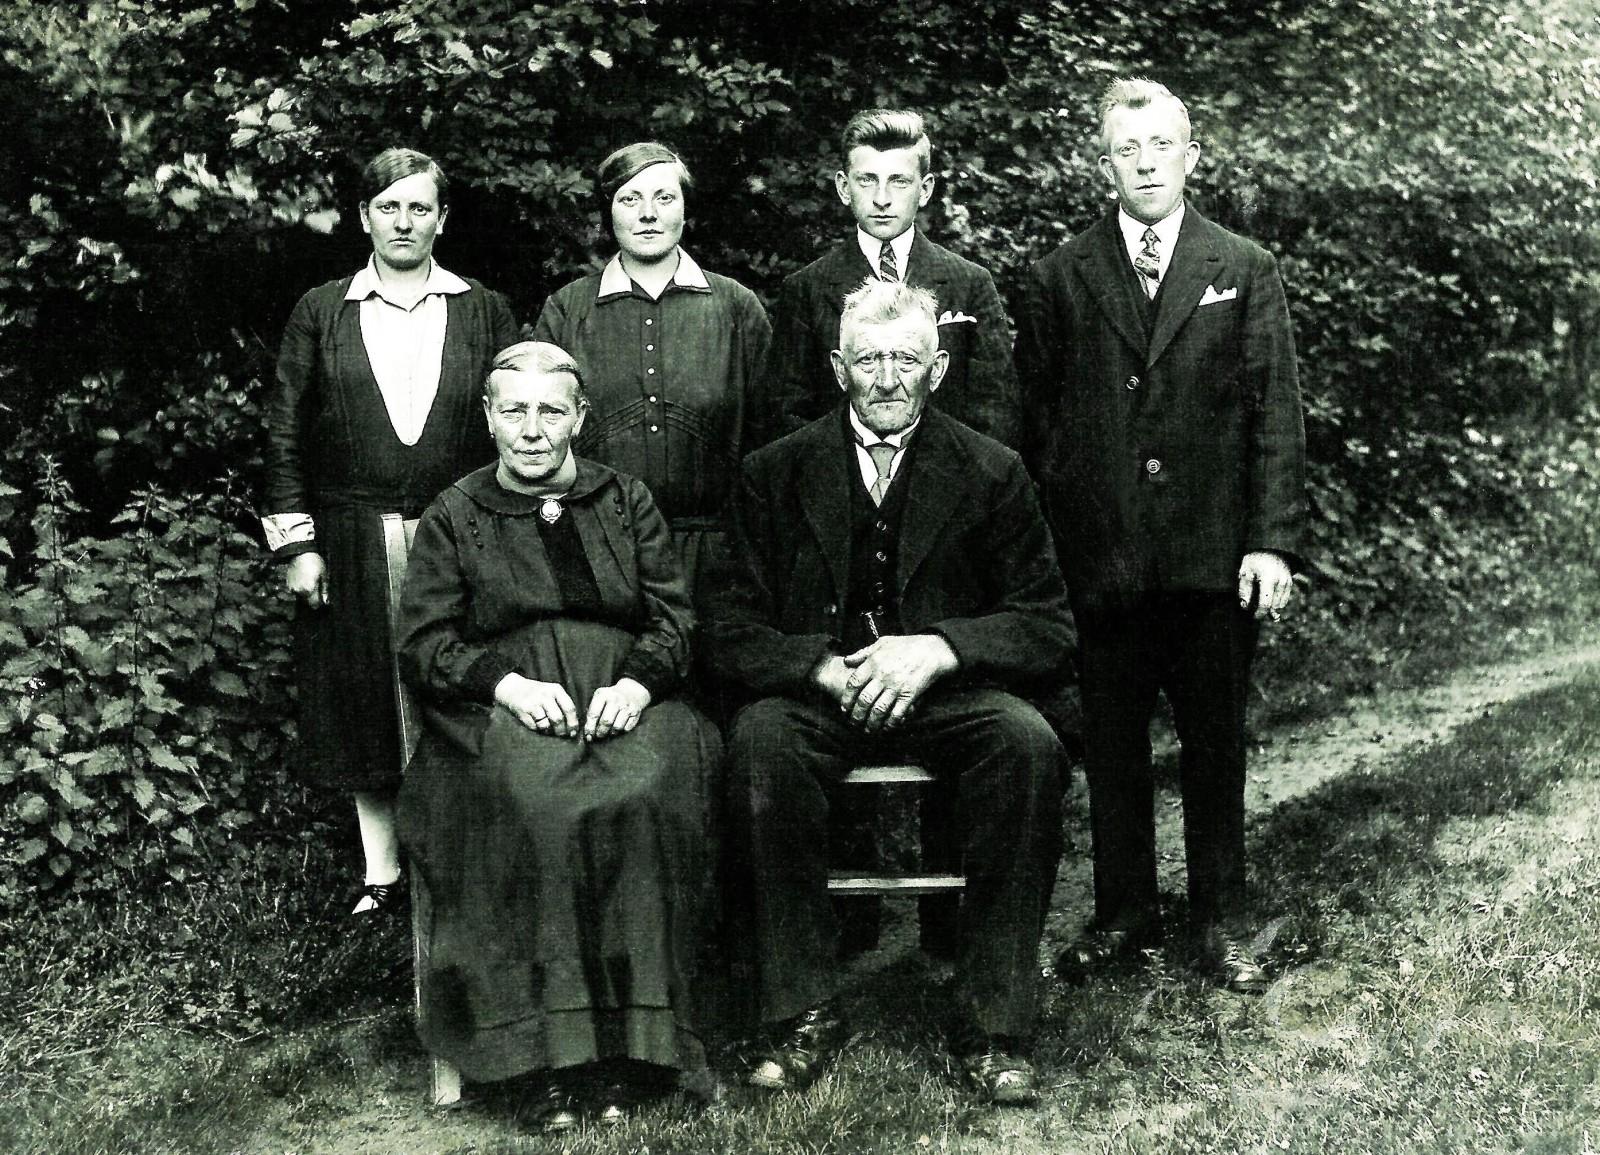 Familie Damhuis-Schnoing in Wietmarschen 1928